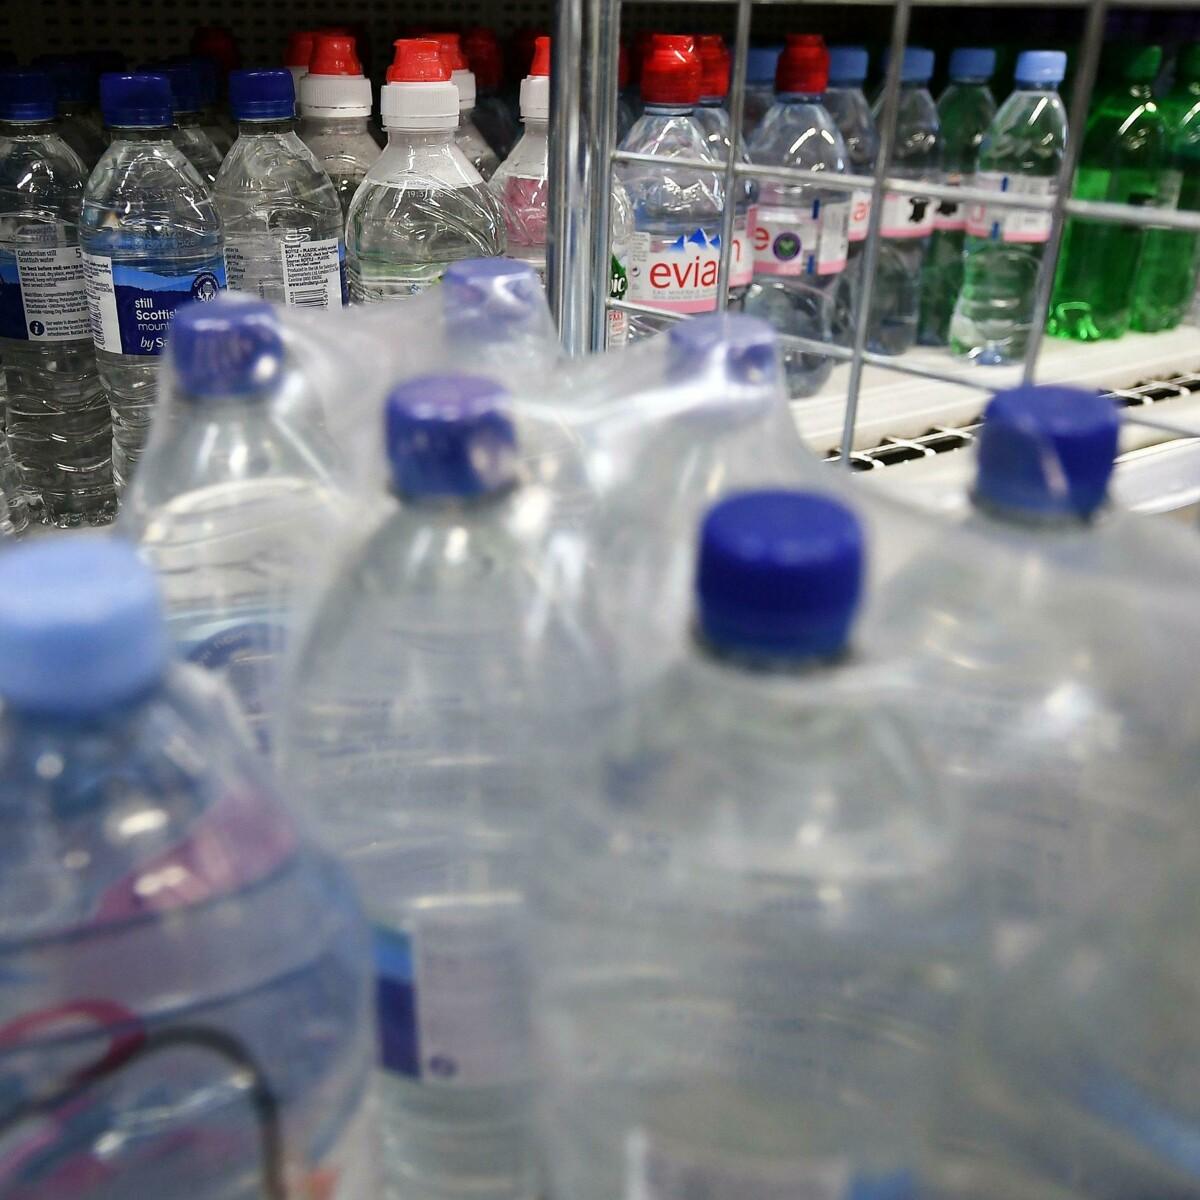 Disastro plastica, l'acqua in bottiglia è 3.500 volte peggio per l'ambiente di quella del rubinetto